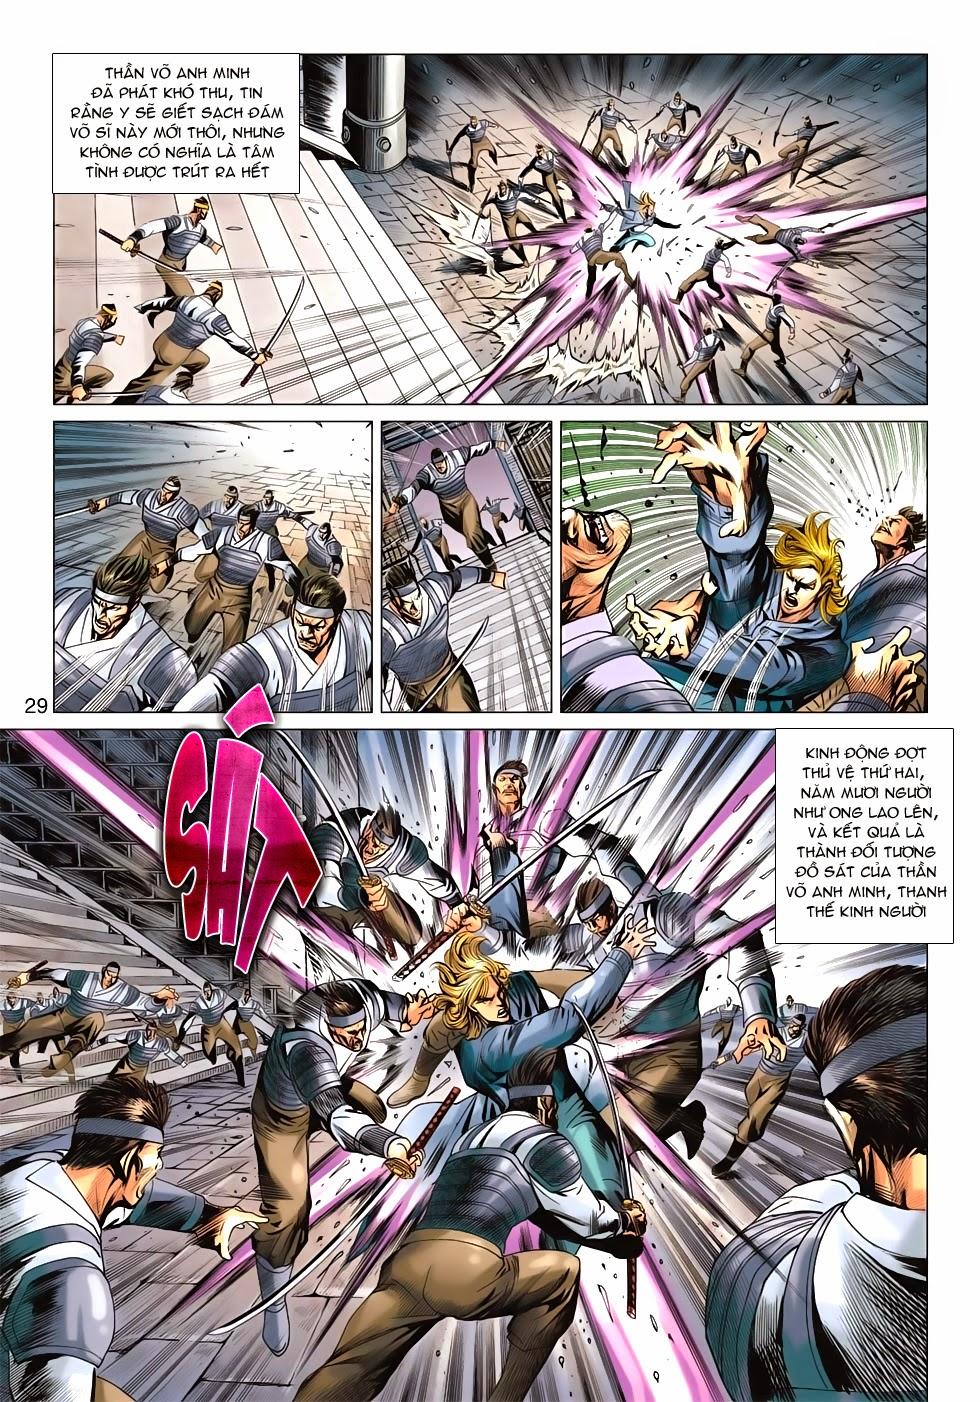 Tân Tác Long Hổ Môn chap 675 - Trang 28